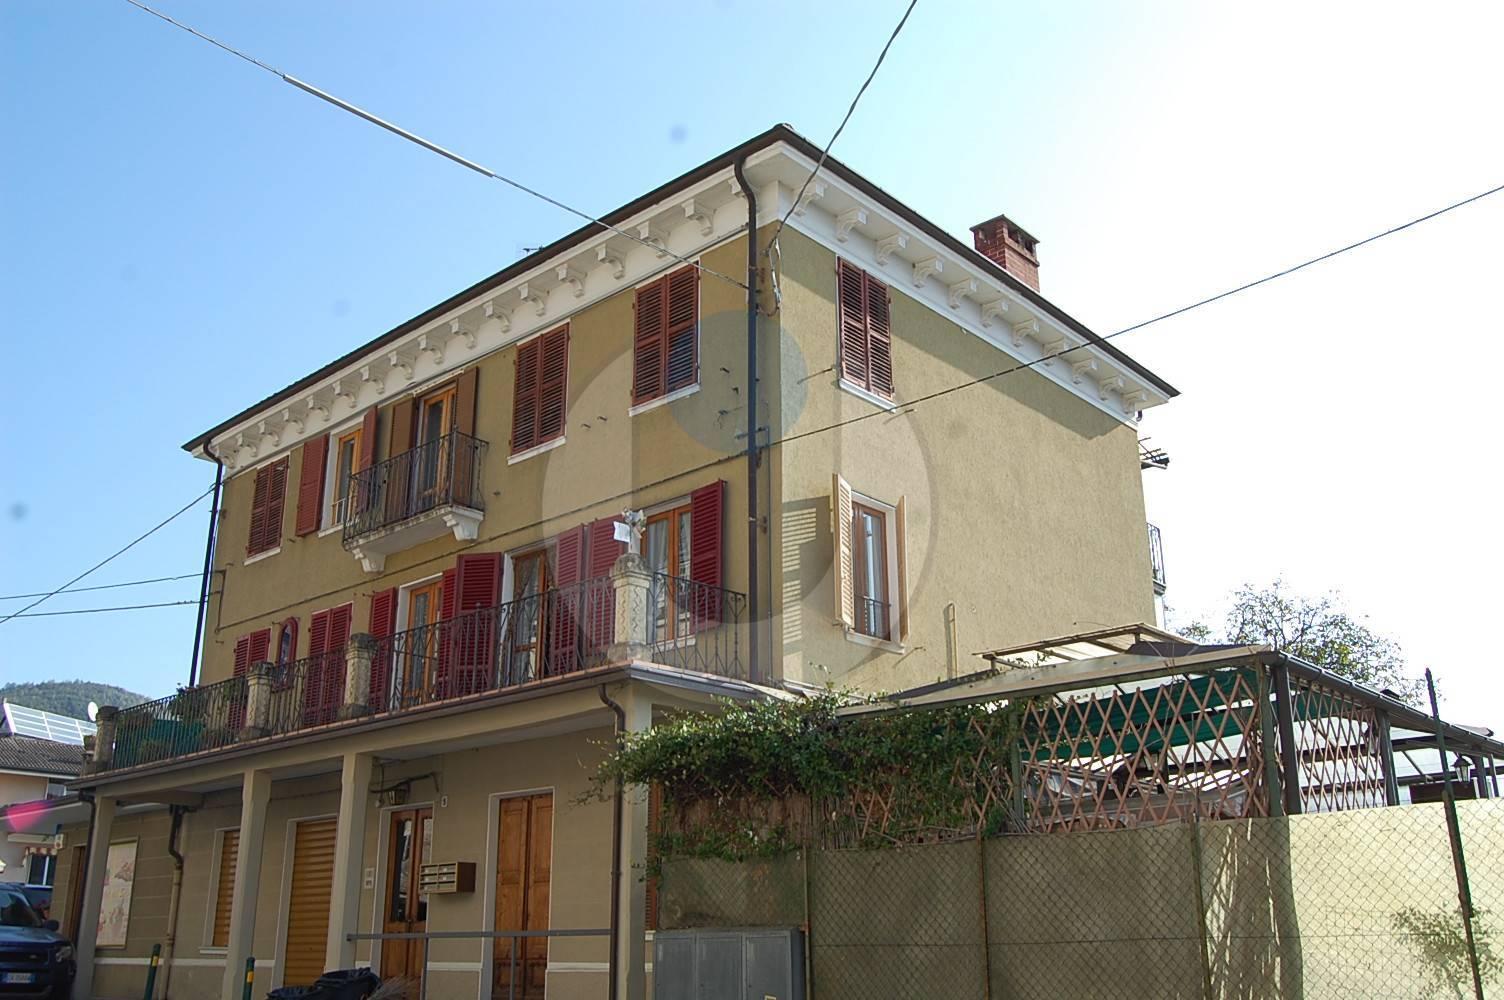 Appartamento in vendita a Giaveno, 2 locali, zona Località: FrazioneSelvaggio, prezzo € 45.000 | PortaleAgenzieImmobiliari.it